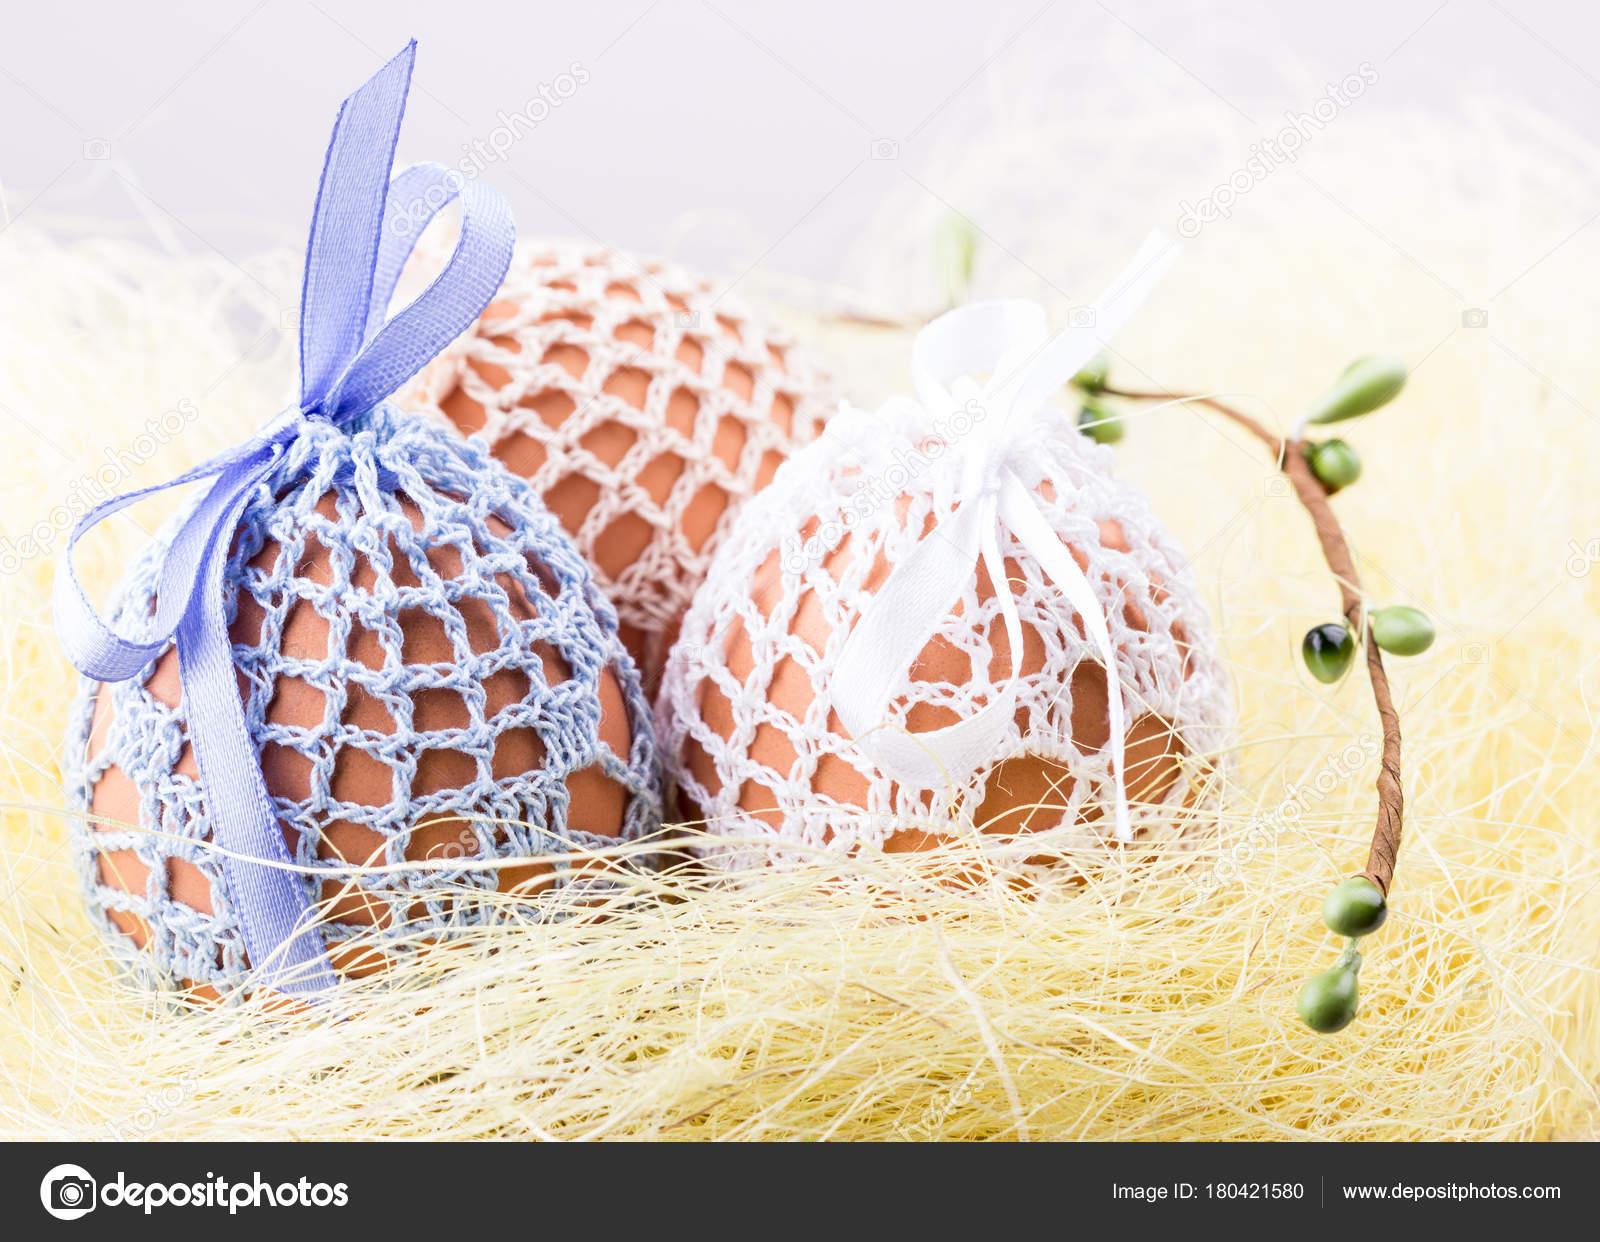 01774a3be9 Svátek Velikonoční Vejce Pletené Tašky Domácí Žlutá Hnízdo Jarní Výzdobou —  Stock fotografie